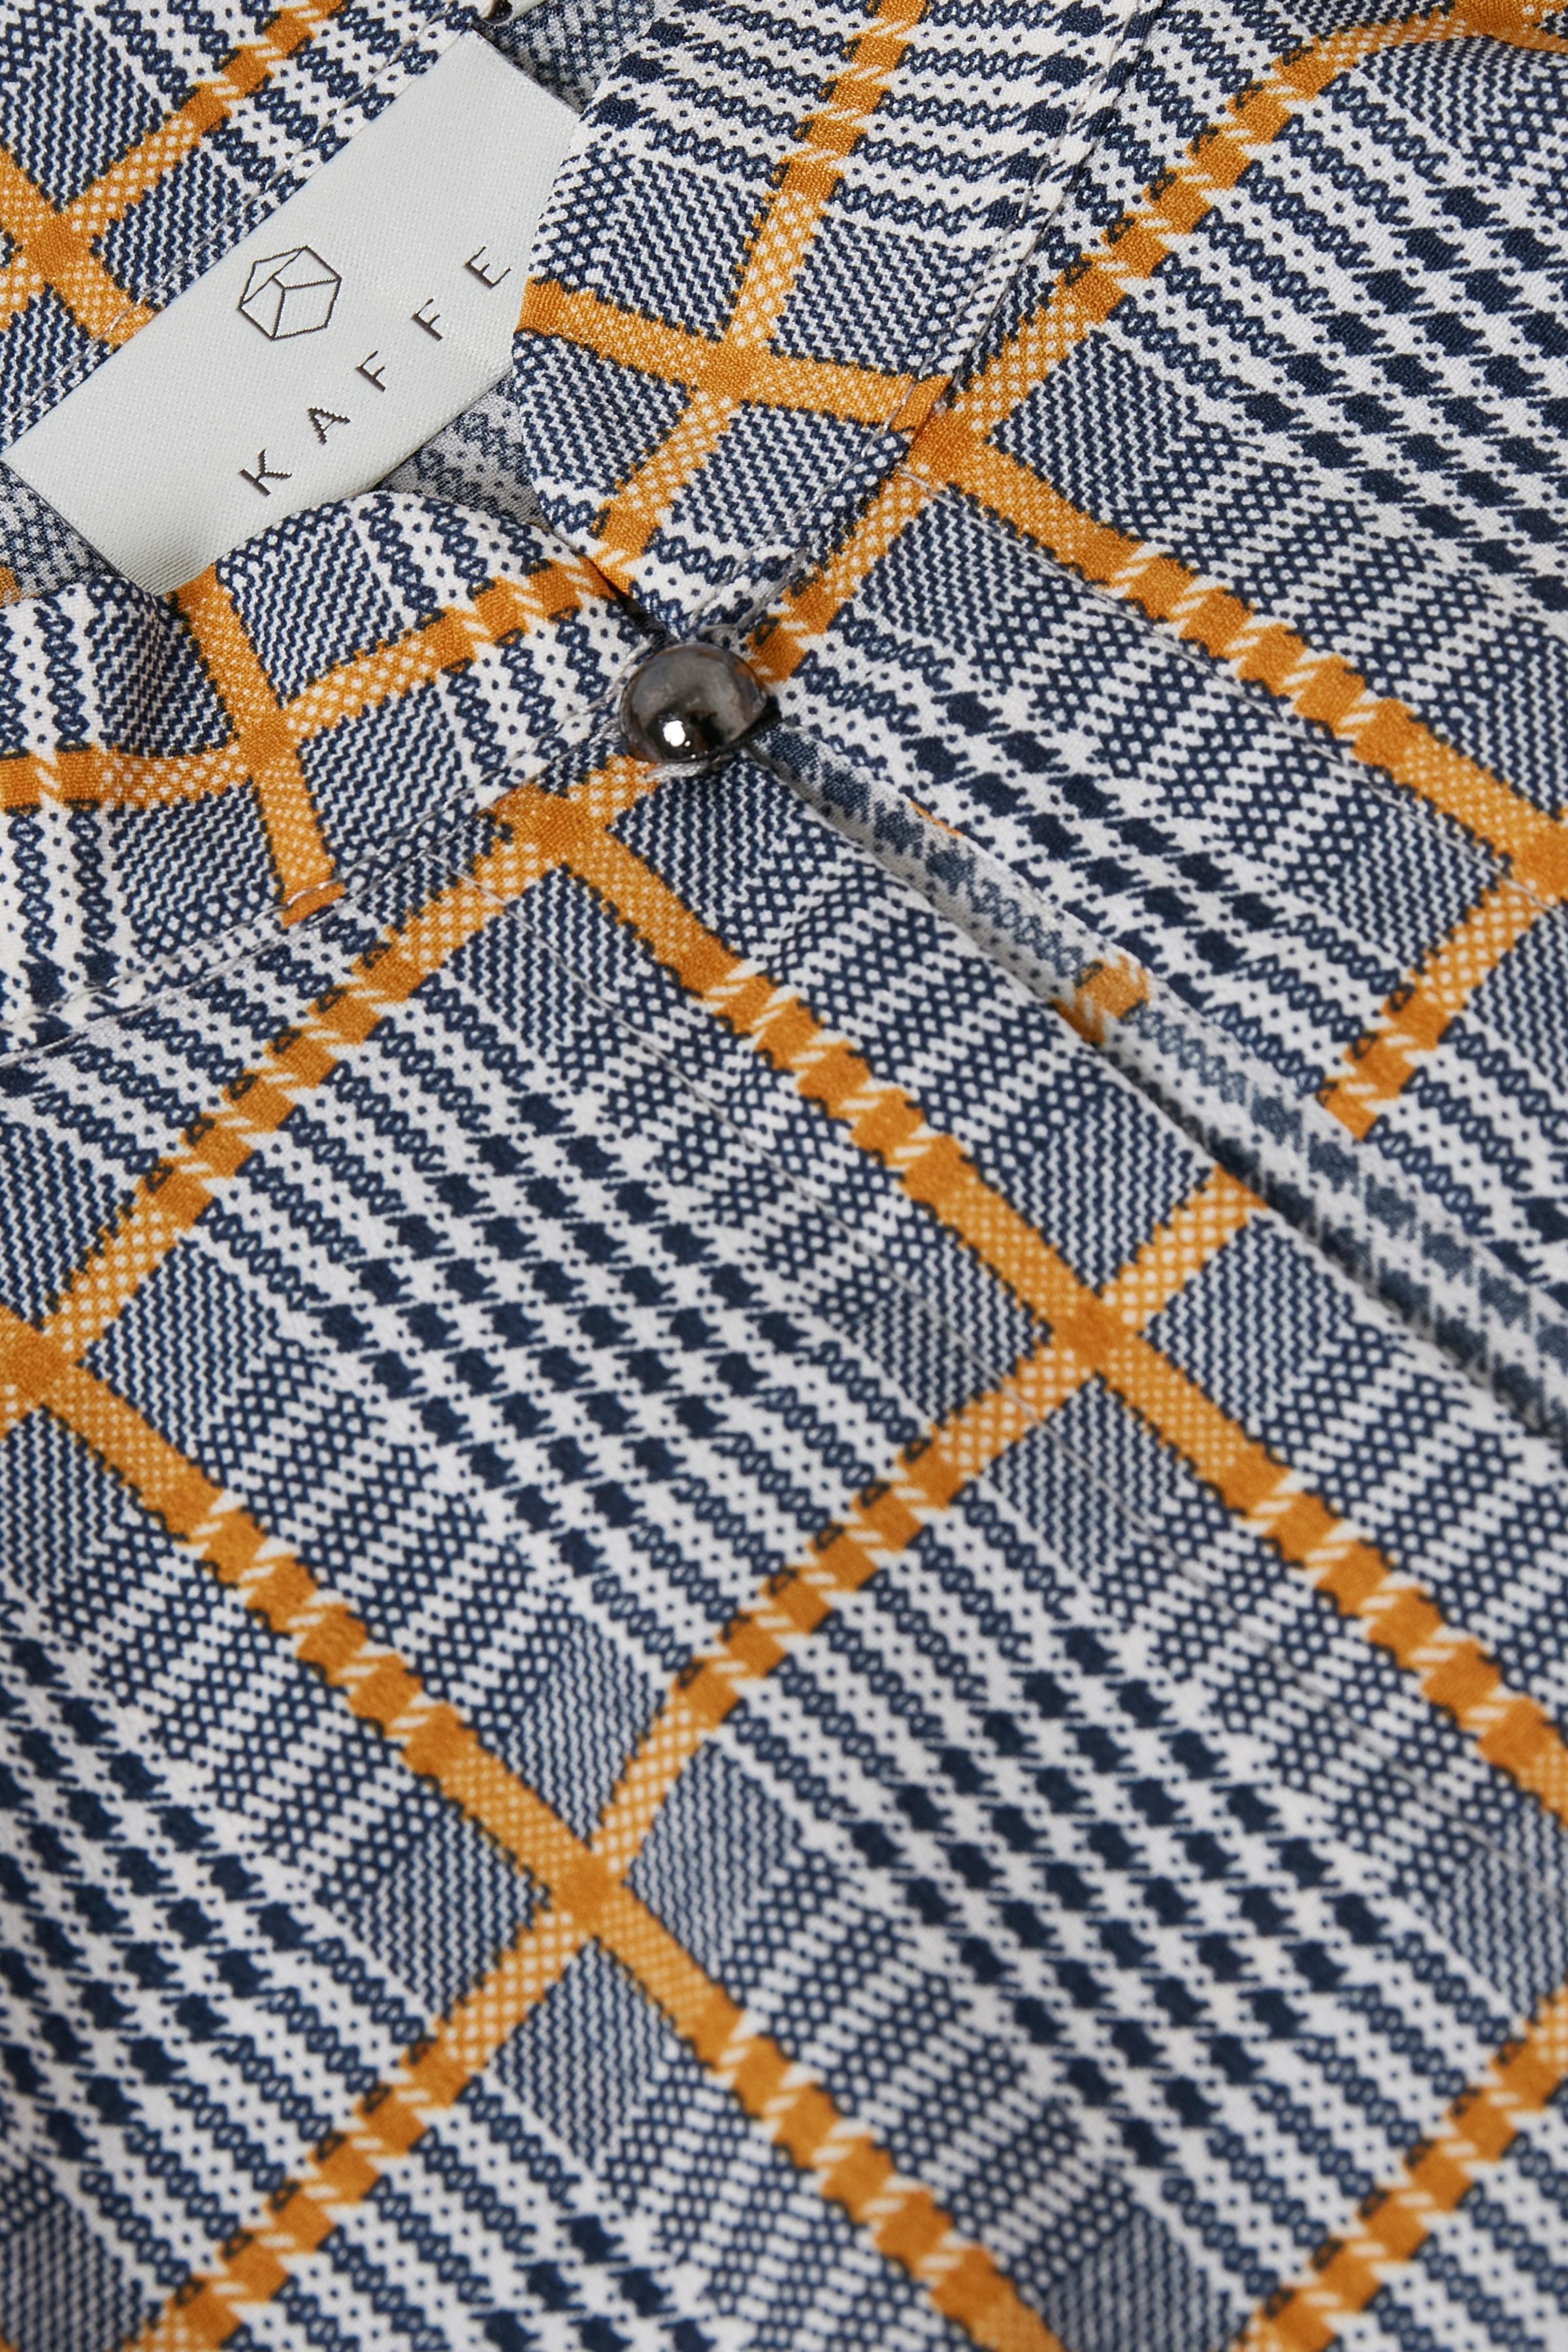 Schwarz/dunkelcurry Langarm-Bluse von Kaffe – Shoppen Sie Schwarz/dunkelcurry Langarm-Bluse ab Gr. 34-46 hier